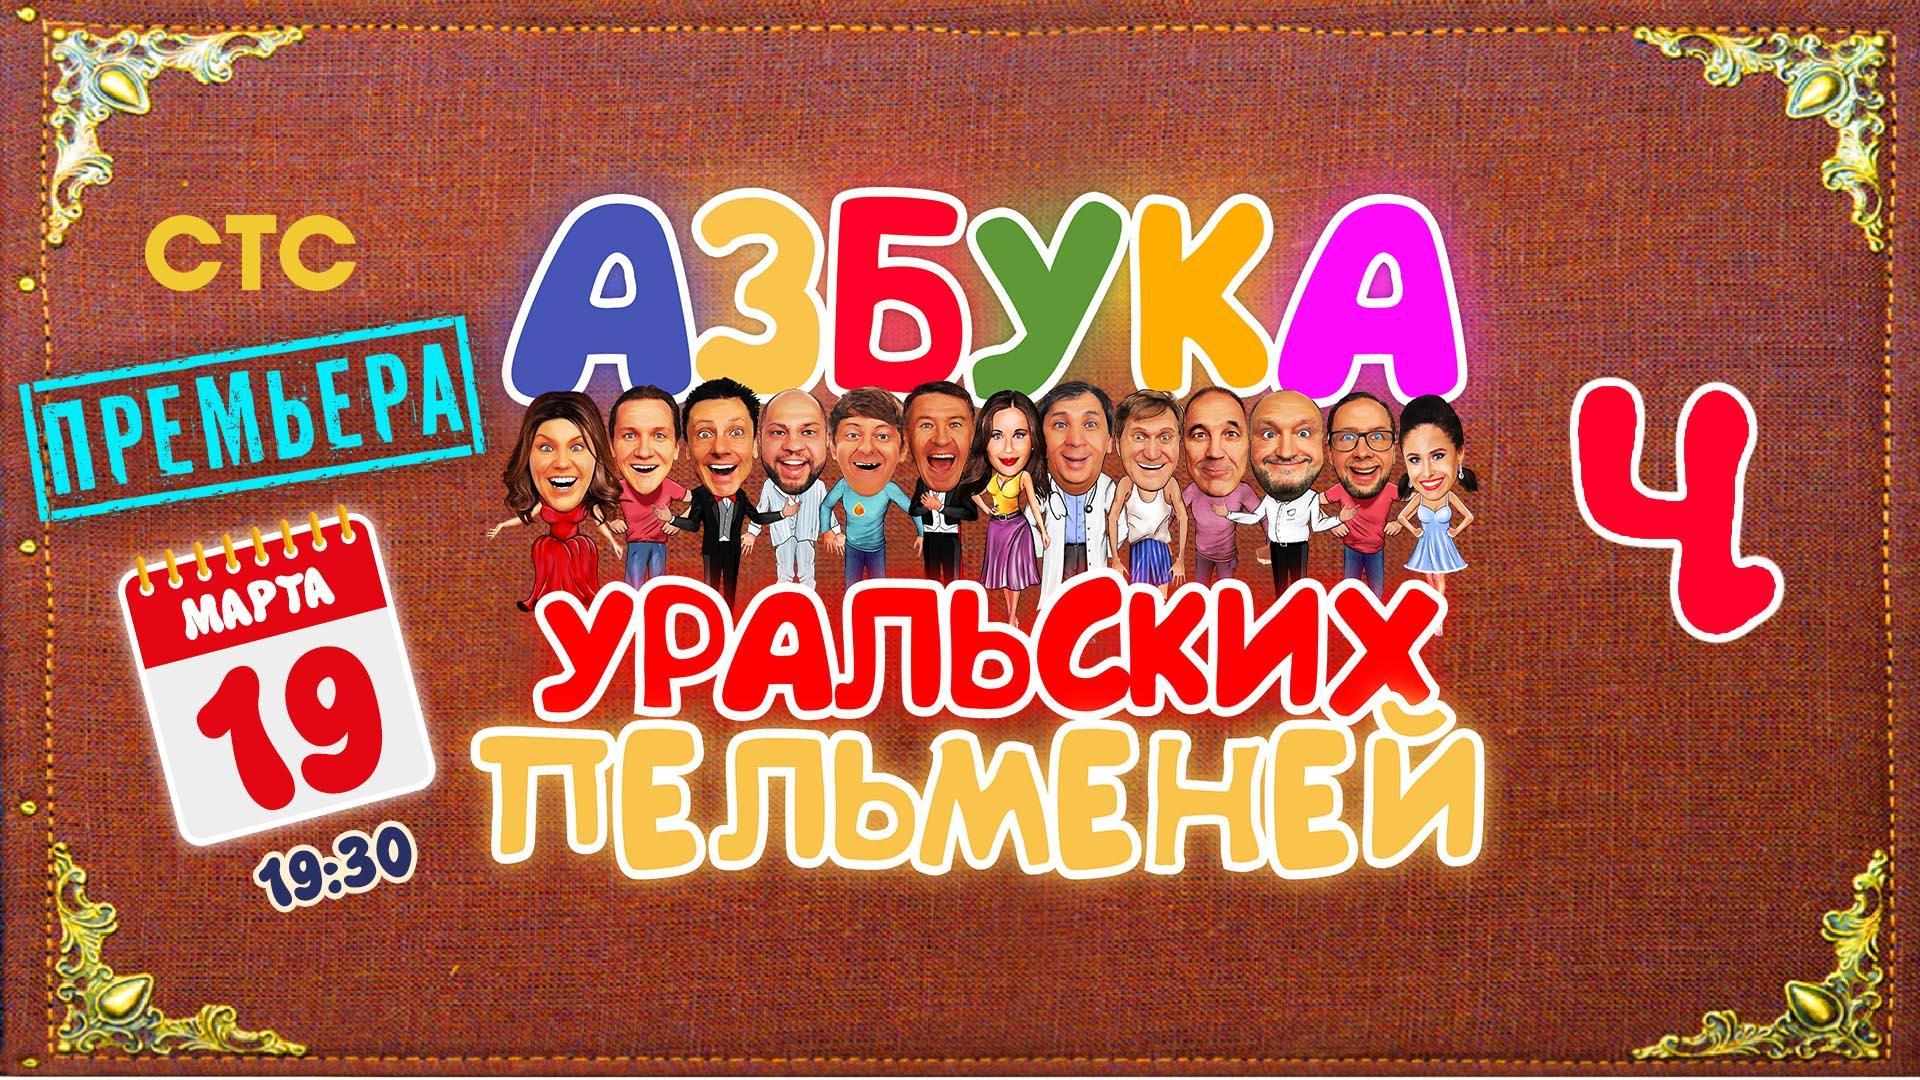 Фото Азбука Уральских пельменей: Ч